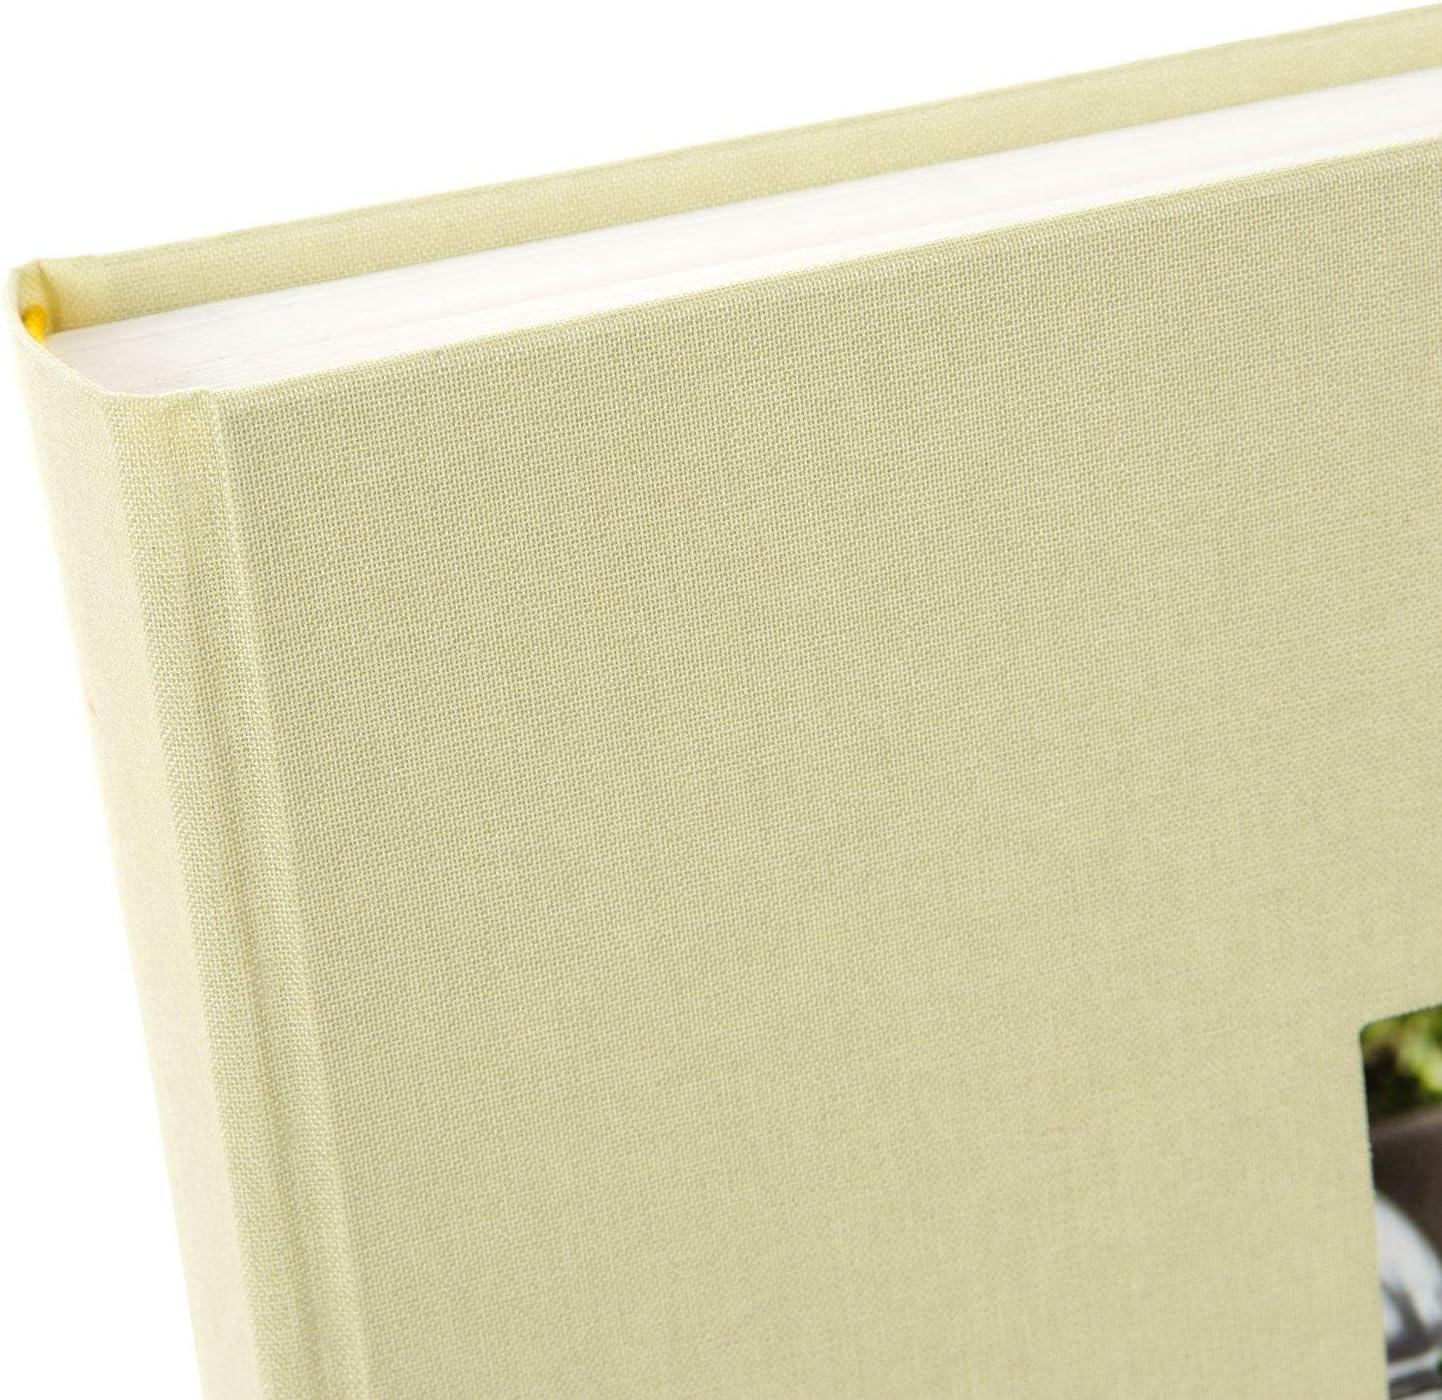 Aqua Goldbuch Photo Album 25x25 cm linen